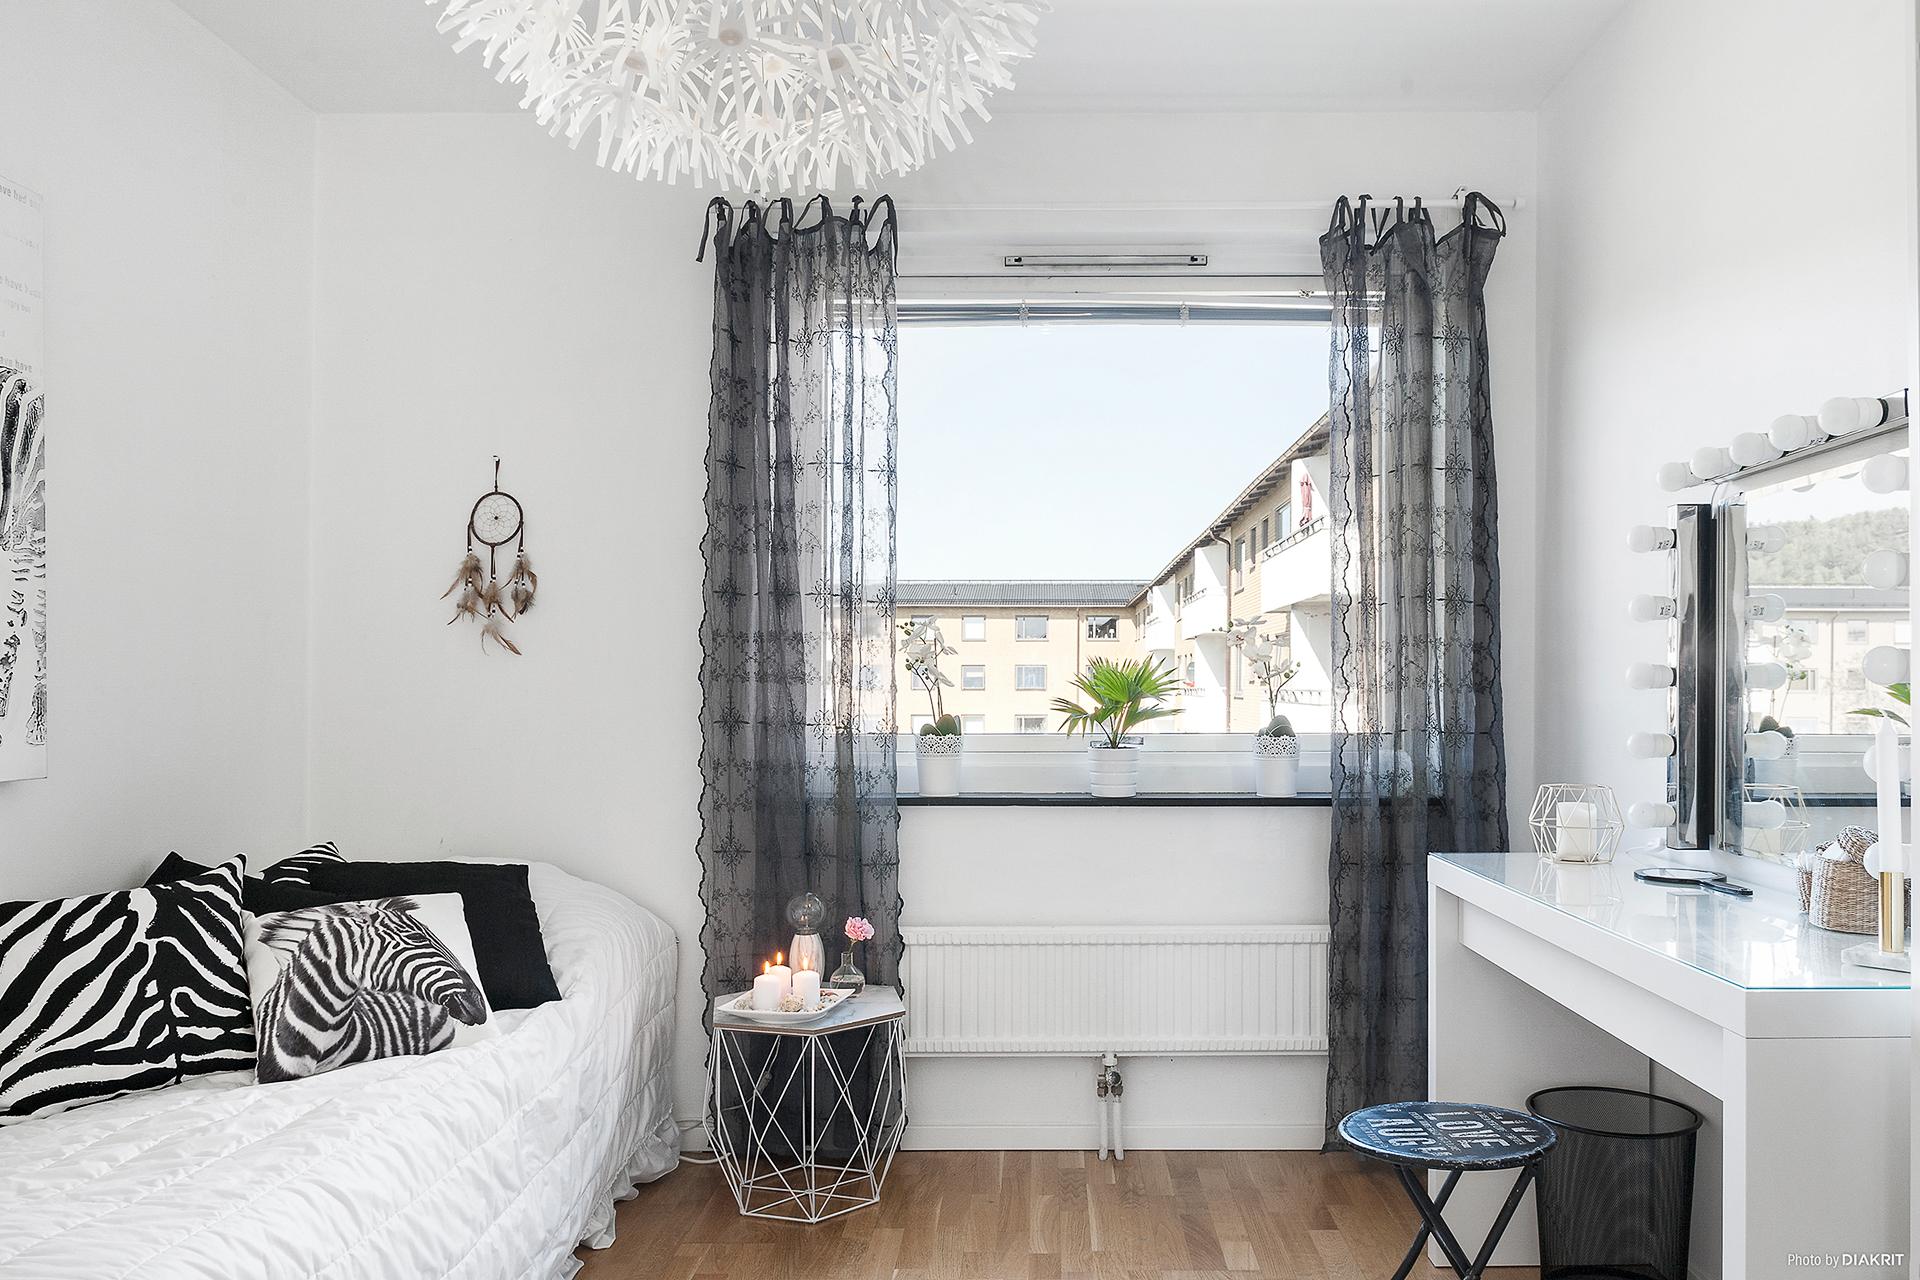 Sovrum 1 är ljust och luftigt med gott om plats för dubbelsäng och garderober.